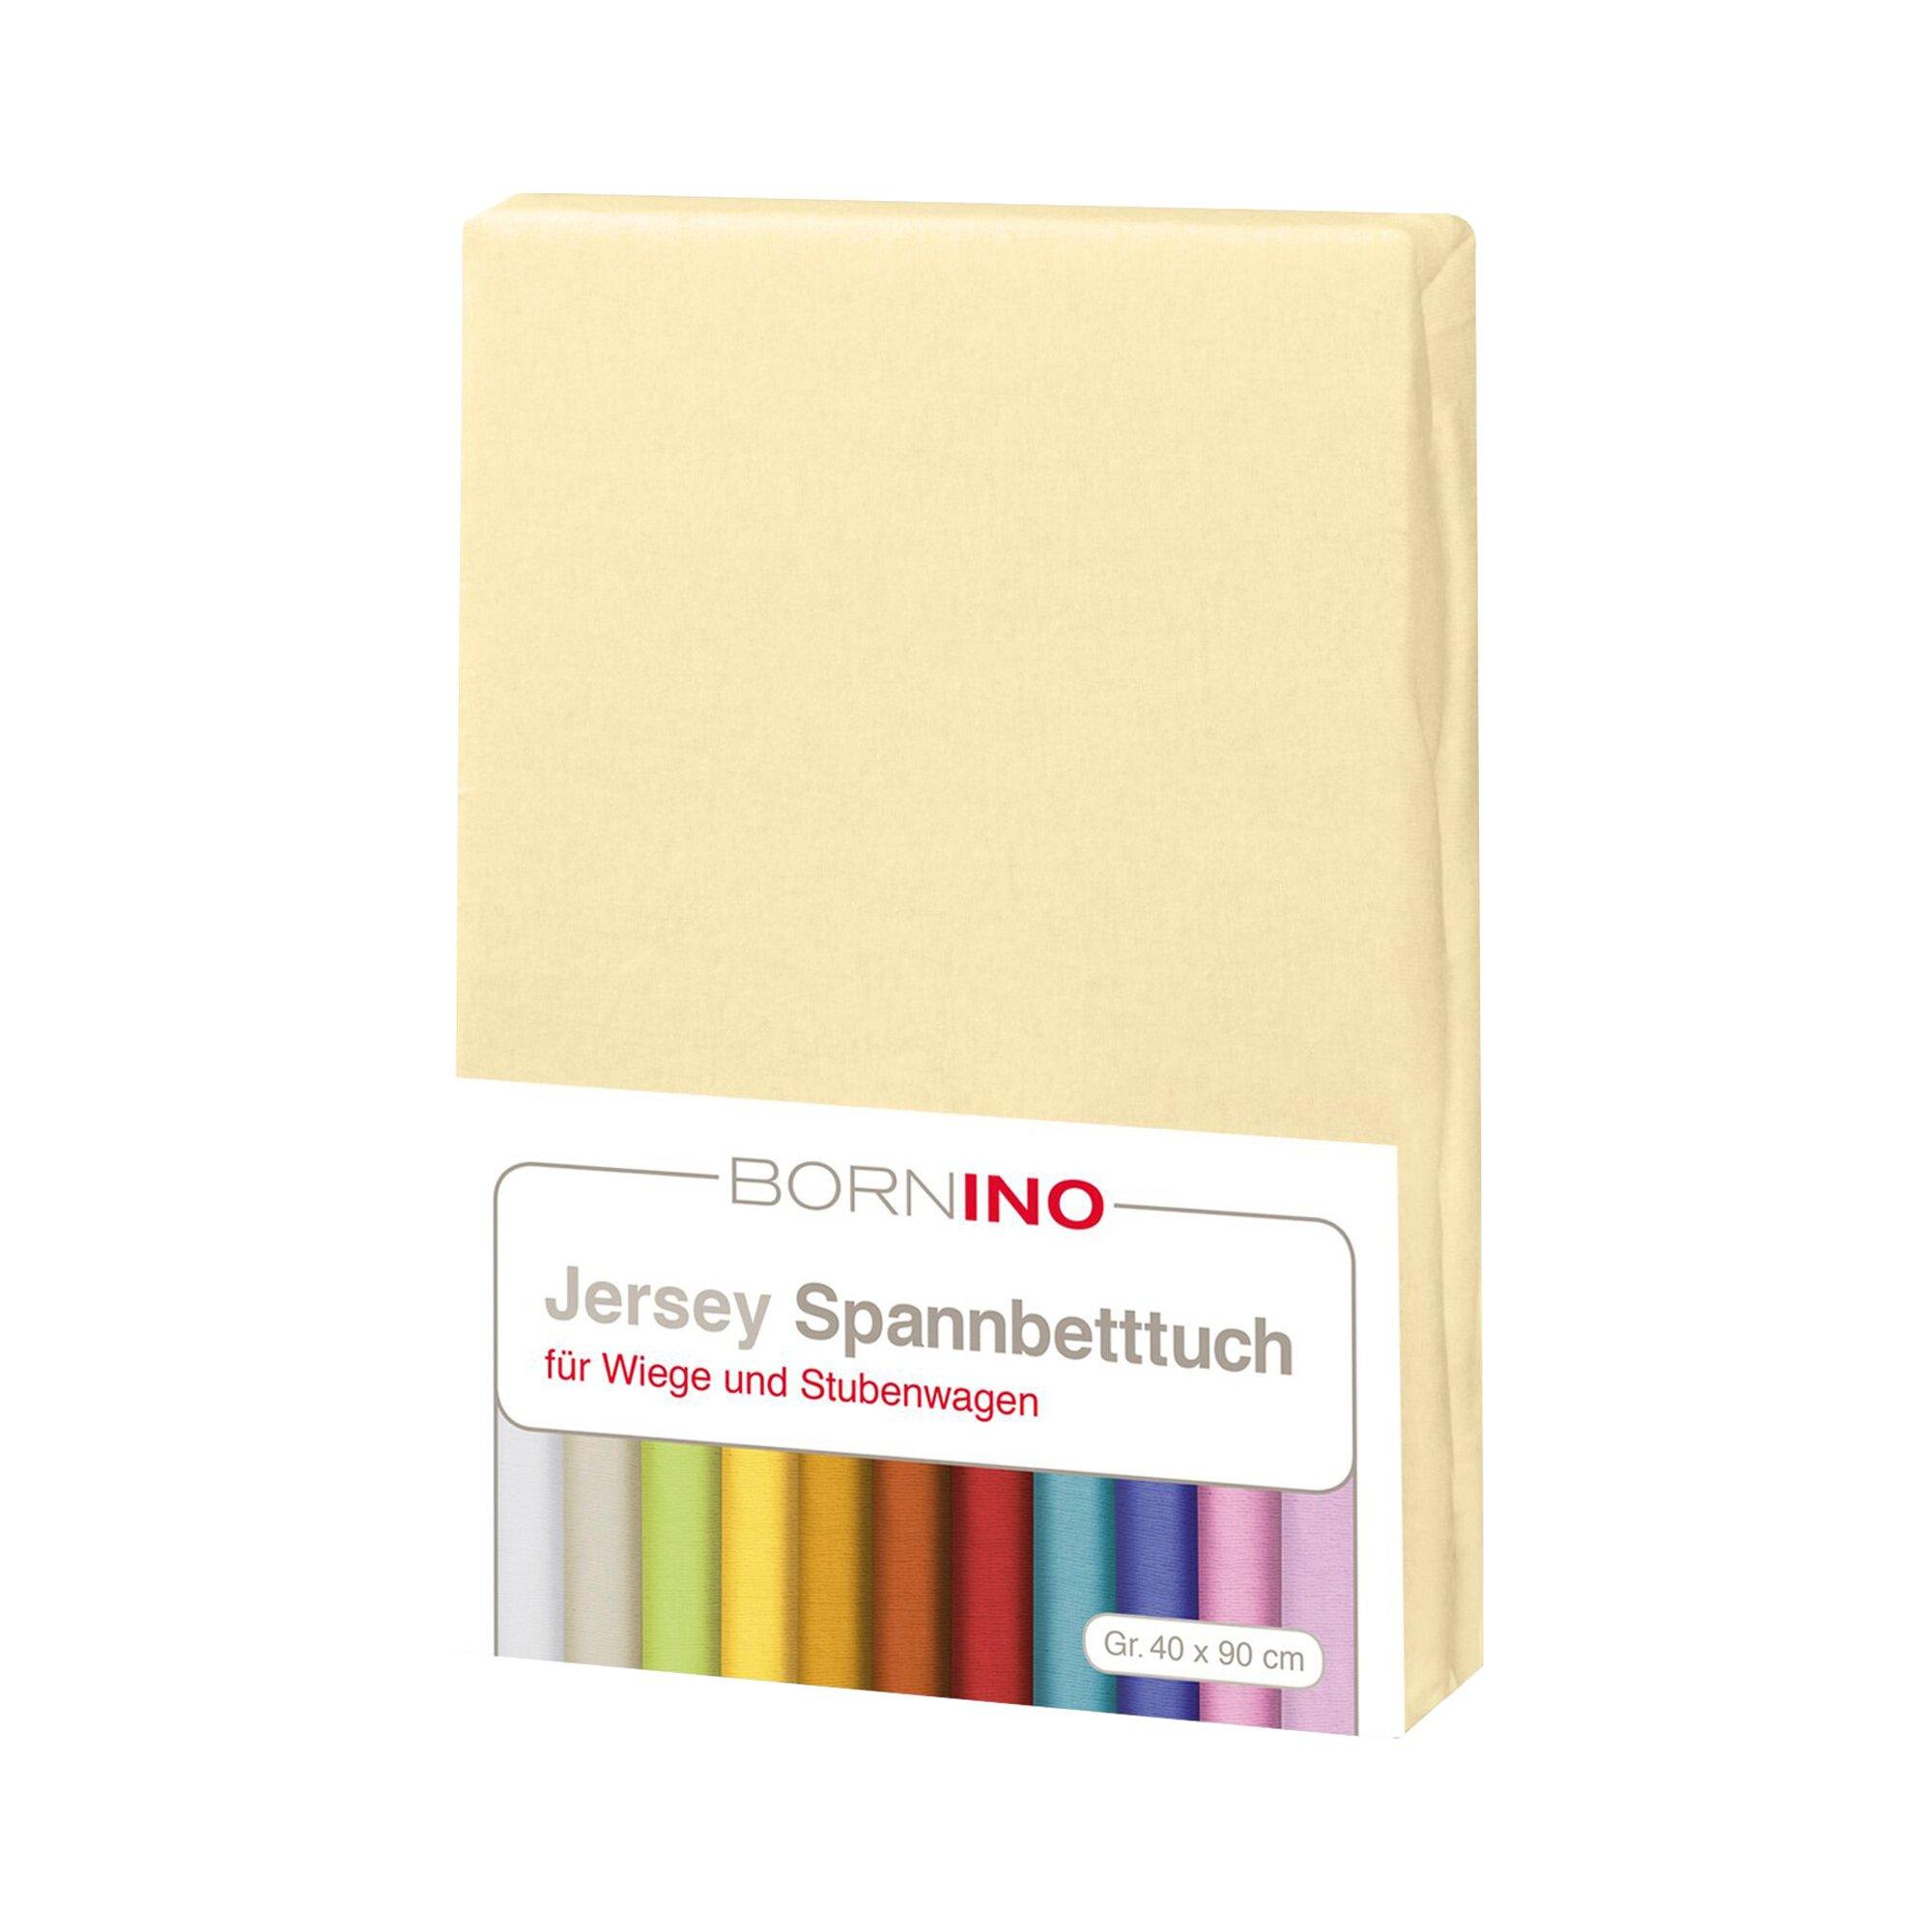 Bornino Home Jersey-Spannbetttuch 40x90 cm gelb